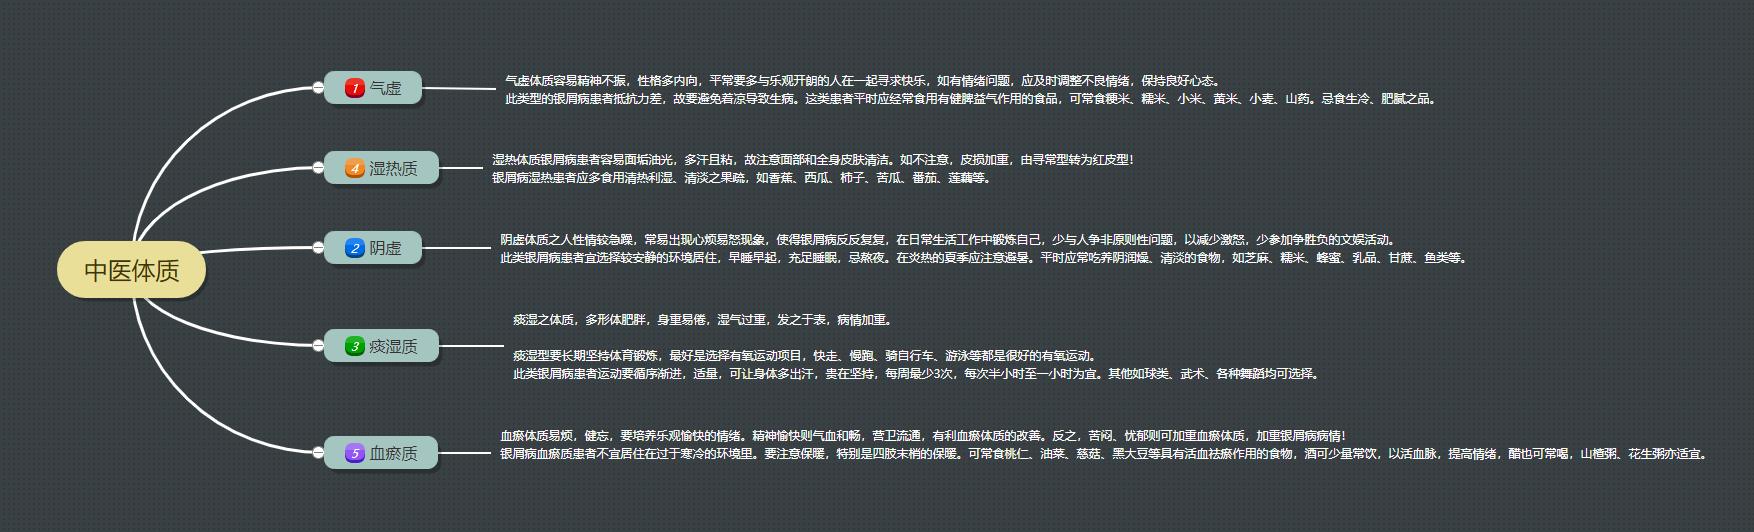 东三省黑龙江哈尔滨大庆齐齐哈尔牡丹江等地皮肤病高发的原因